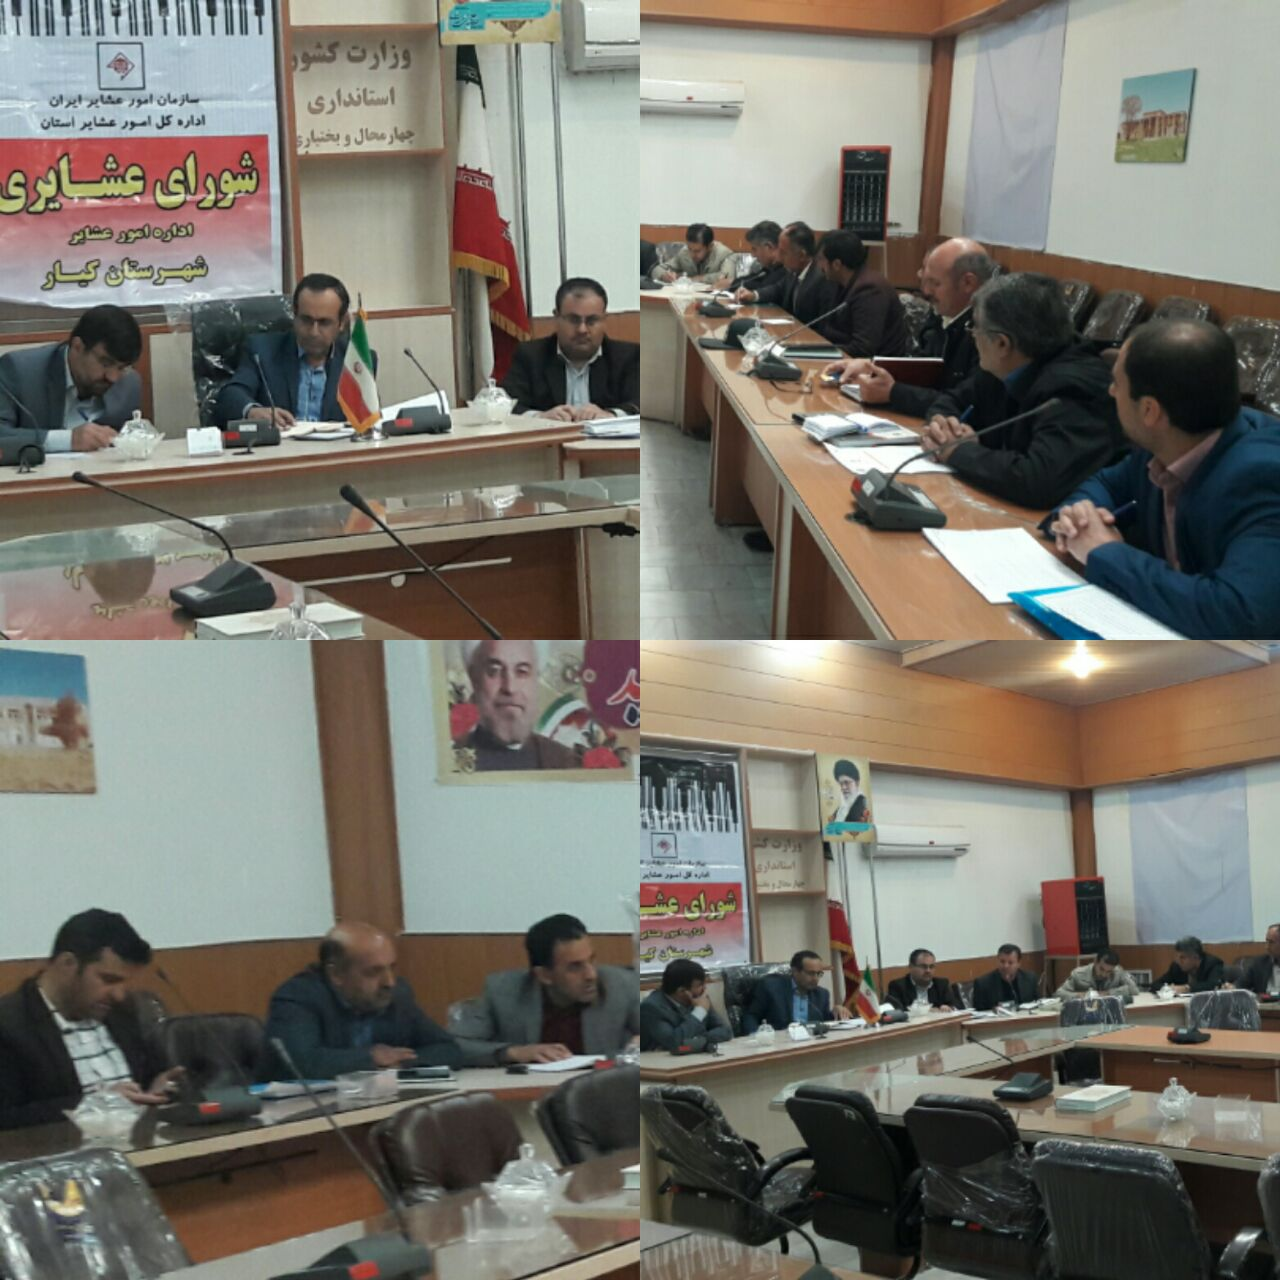 جلسه شورای عشايری در شهرستان کیار برگزار شد